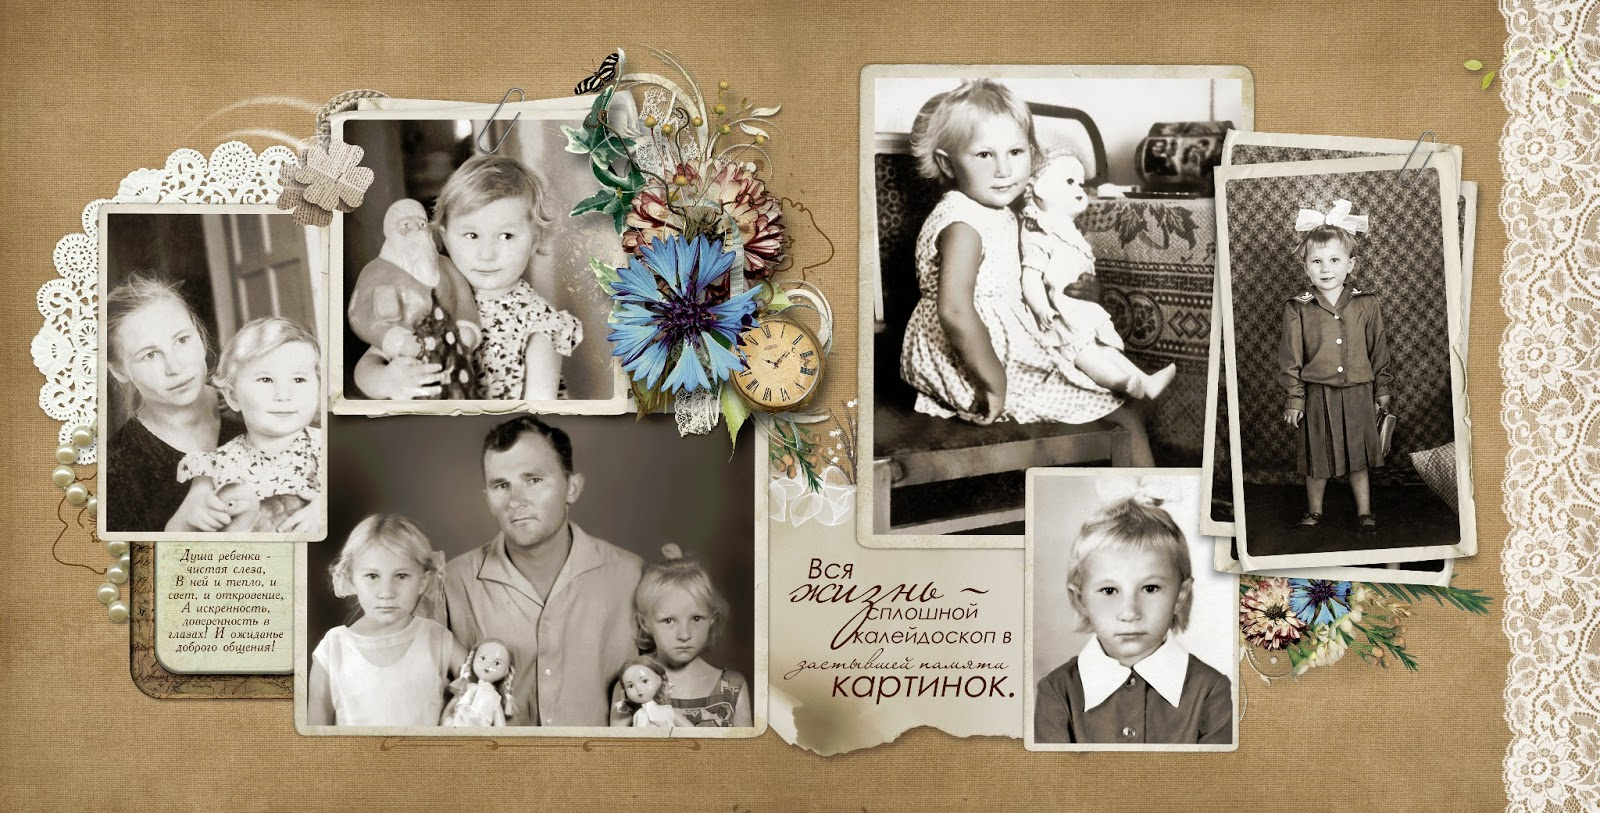 Оригинальный подарок на юбилей маме 60 лет 4